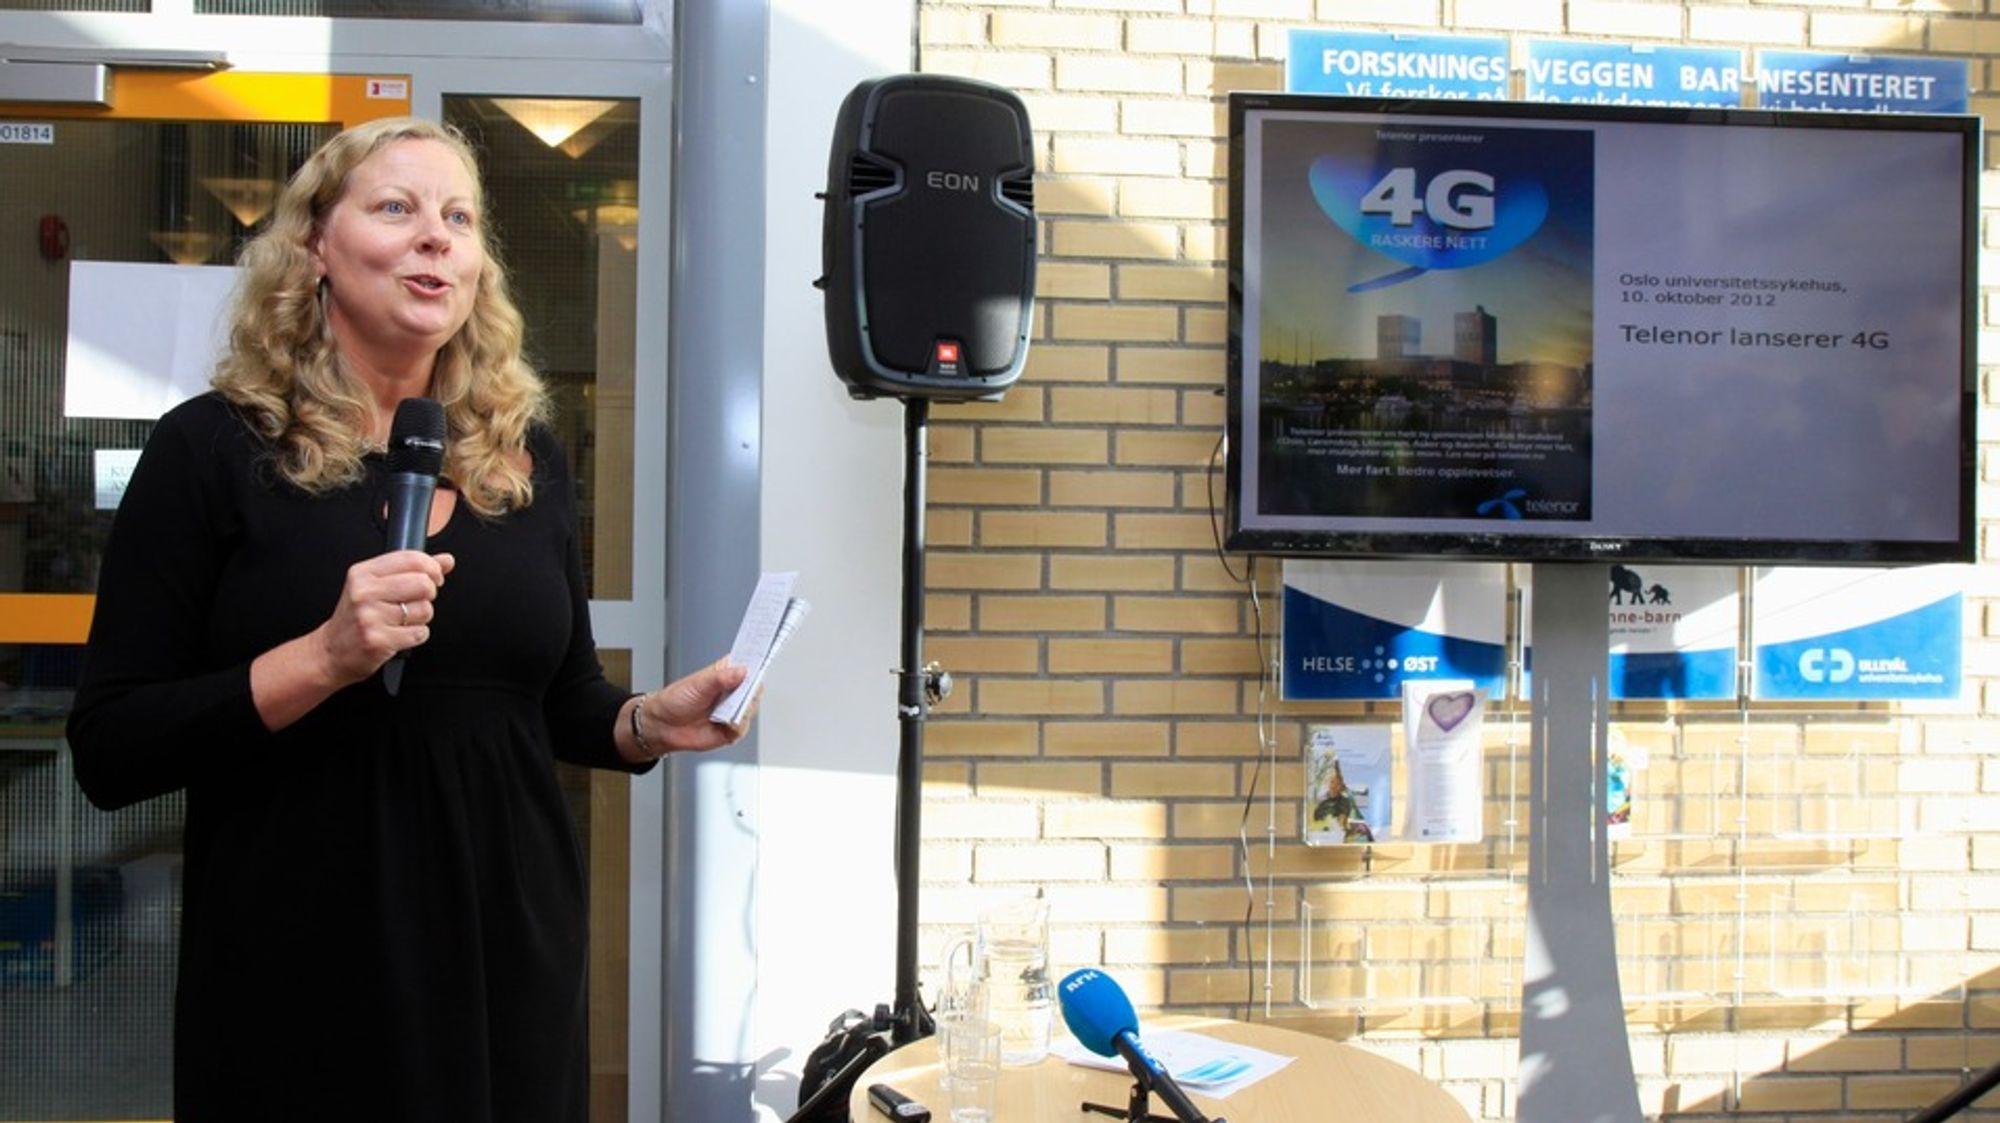 Telenor Norge-sjef Berit Svendsen under lanseringen av 4G høsten 2012. Nå venter hun i stigende utålmodighet på at myndighetene skal tildele 800 MHz-båndet slik at selskapet kan levere 4G i større områder av landet.